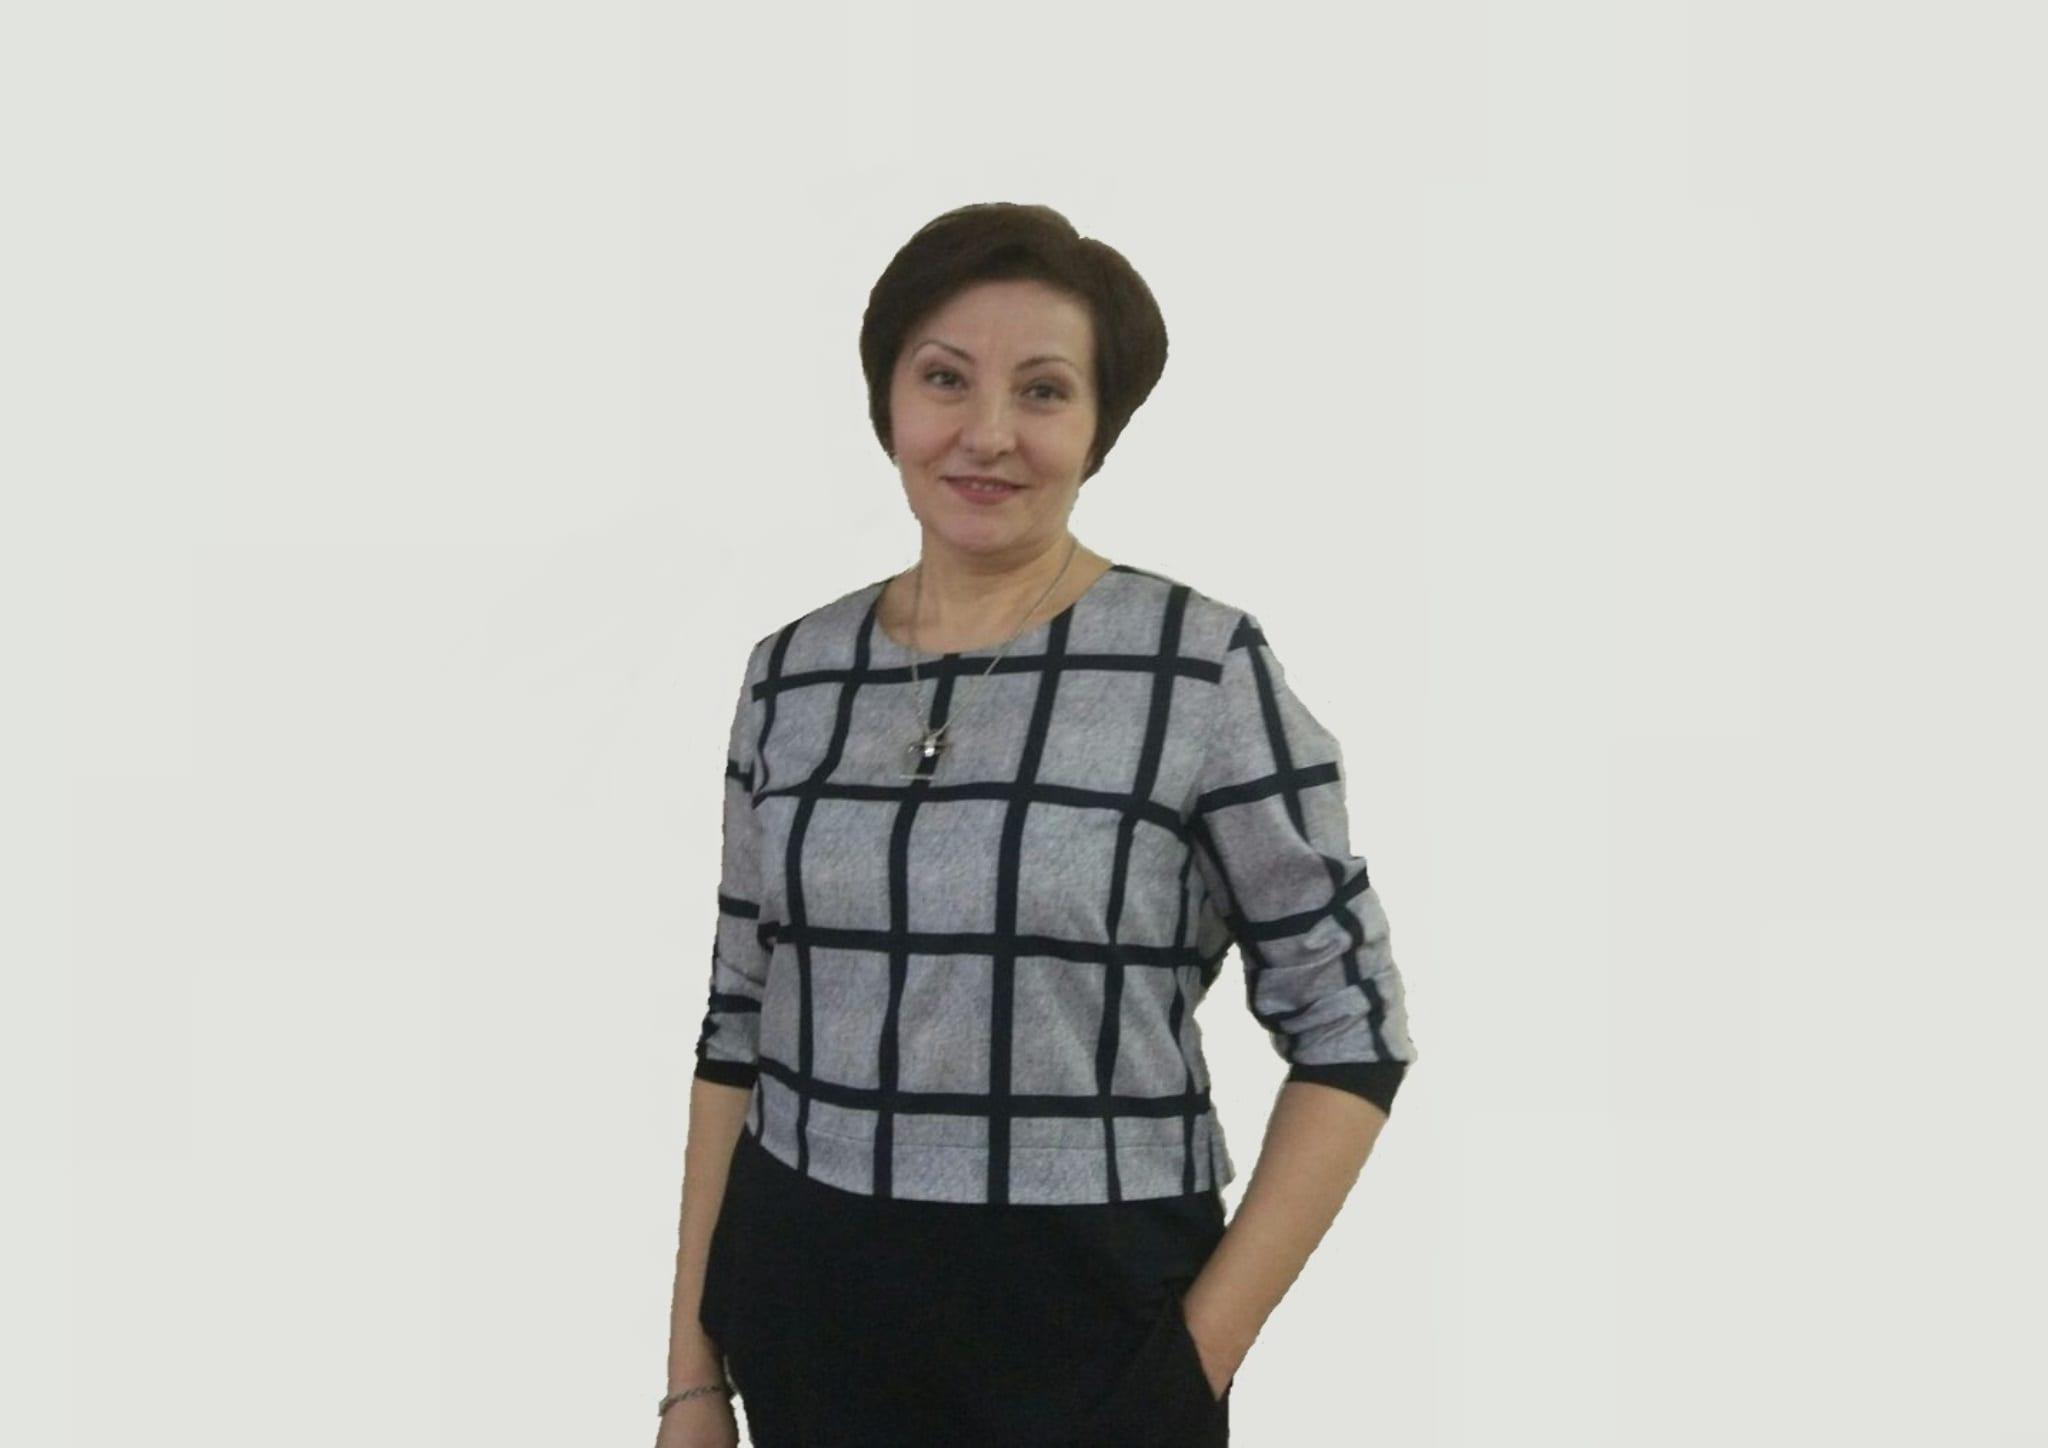 Olga Fugedji